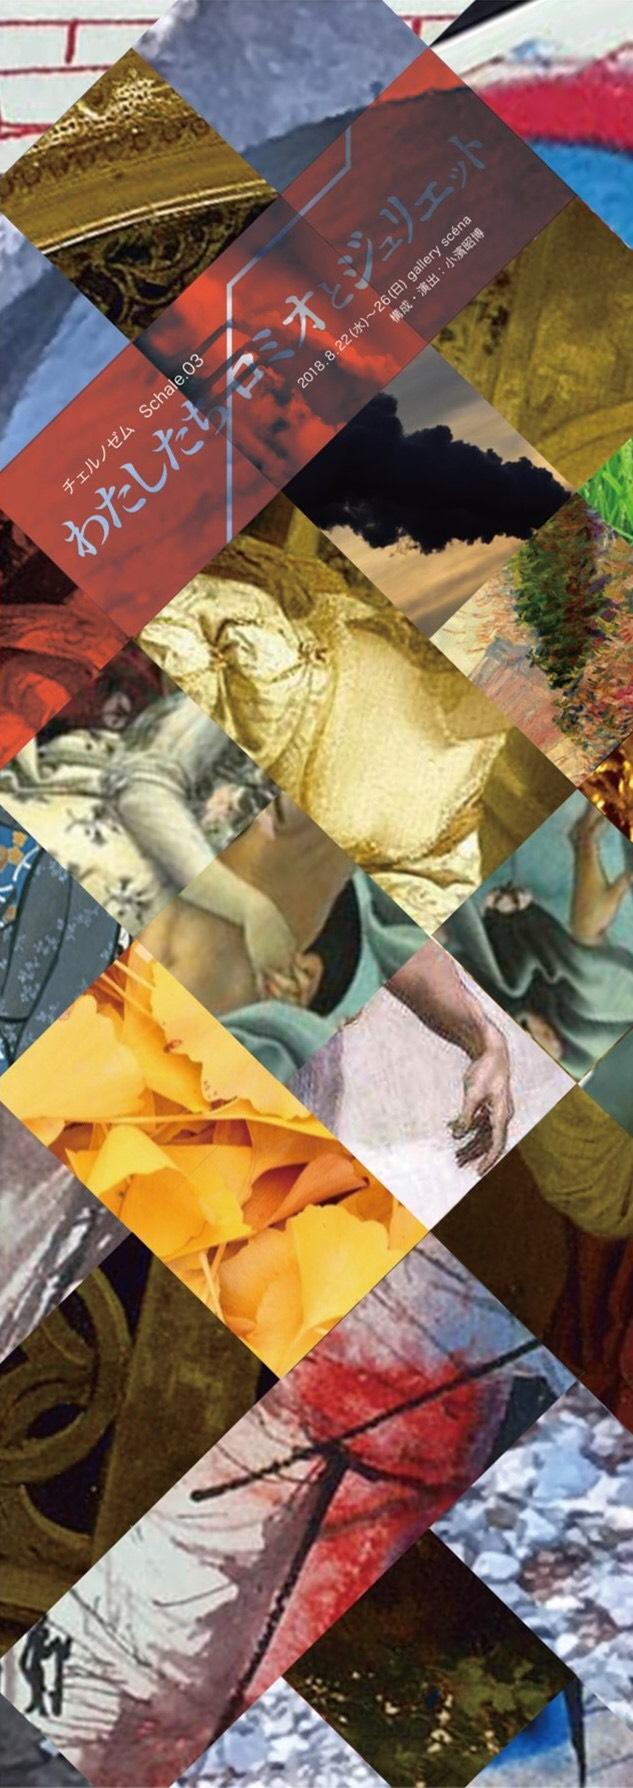 チェルノゼム 演劇公演 Schale.03「カルチベート・プロジェクト『わたしたち/ロミオとジュリエット』」 8/22(アフタートーク:川口智子)